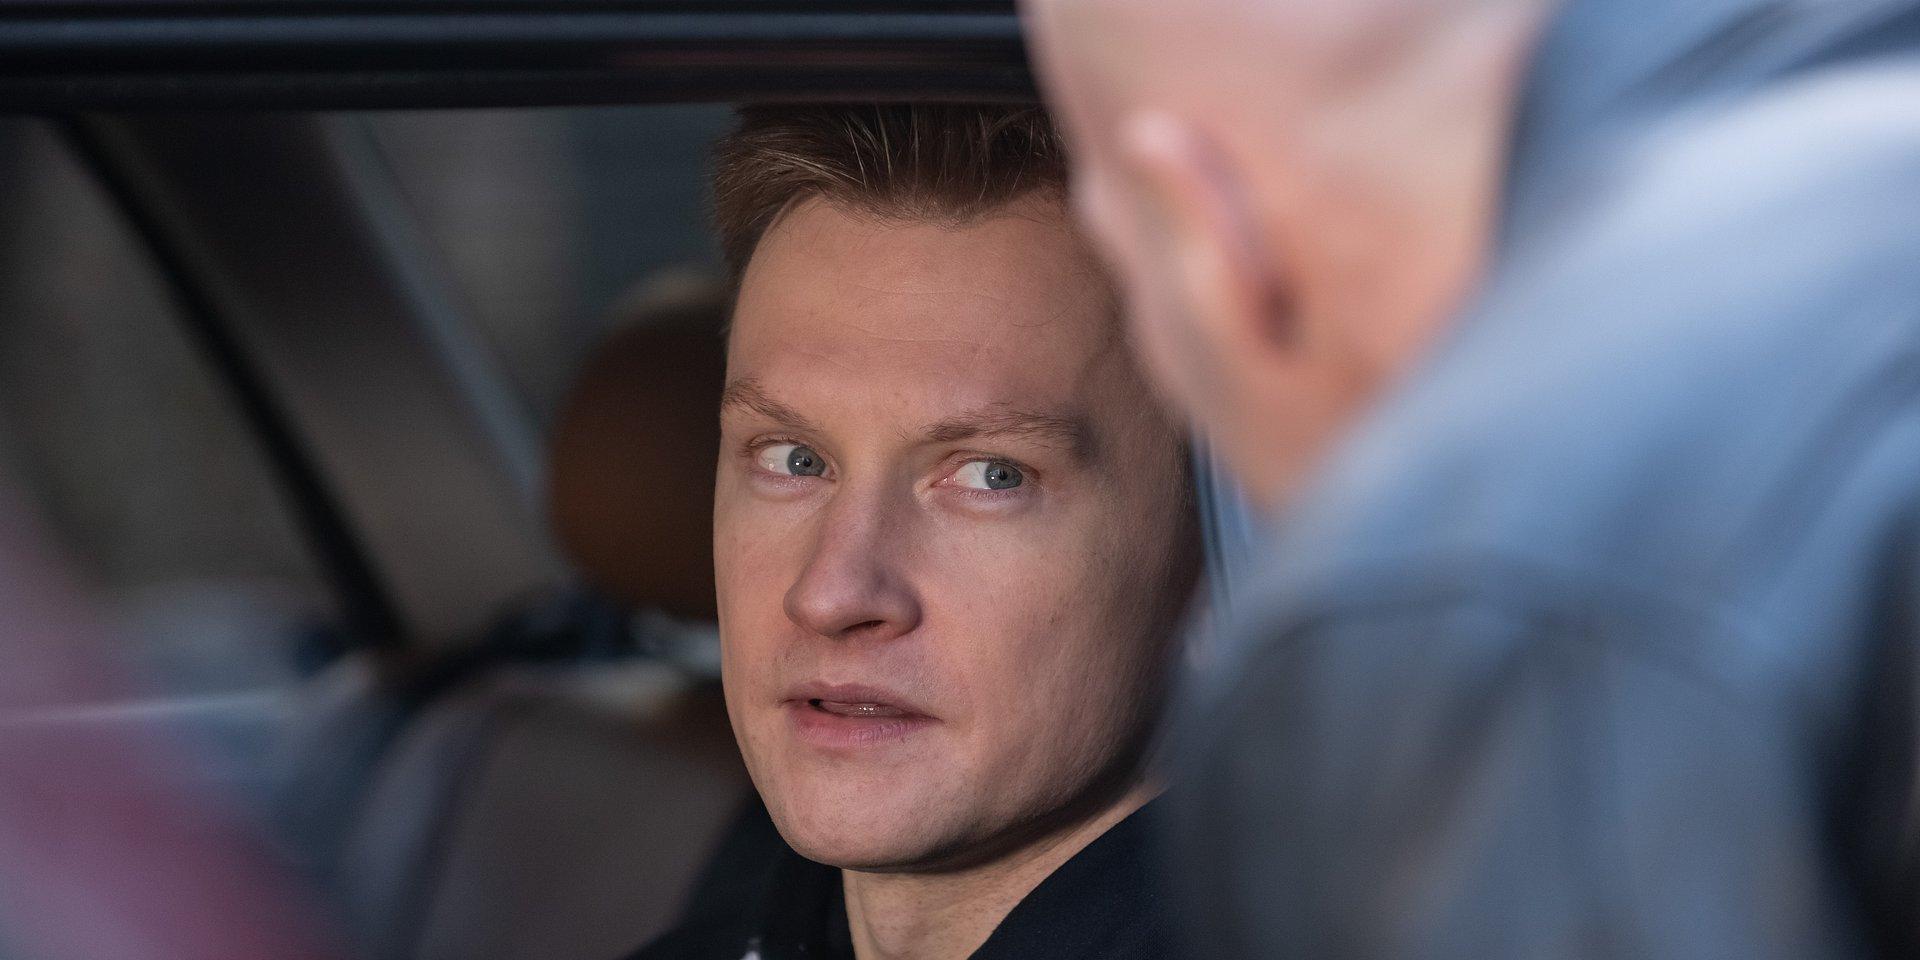 Na Wspólnej: Igor rozpracowuje bandytów – nie wie, że Julka jest w szpitalu!